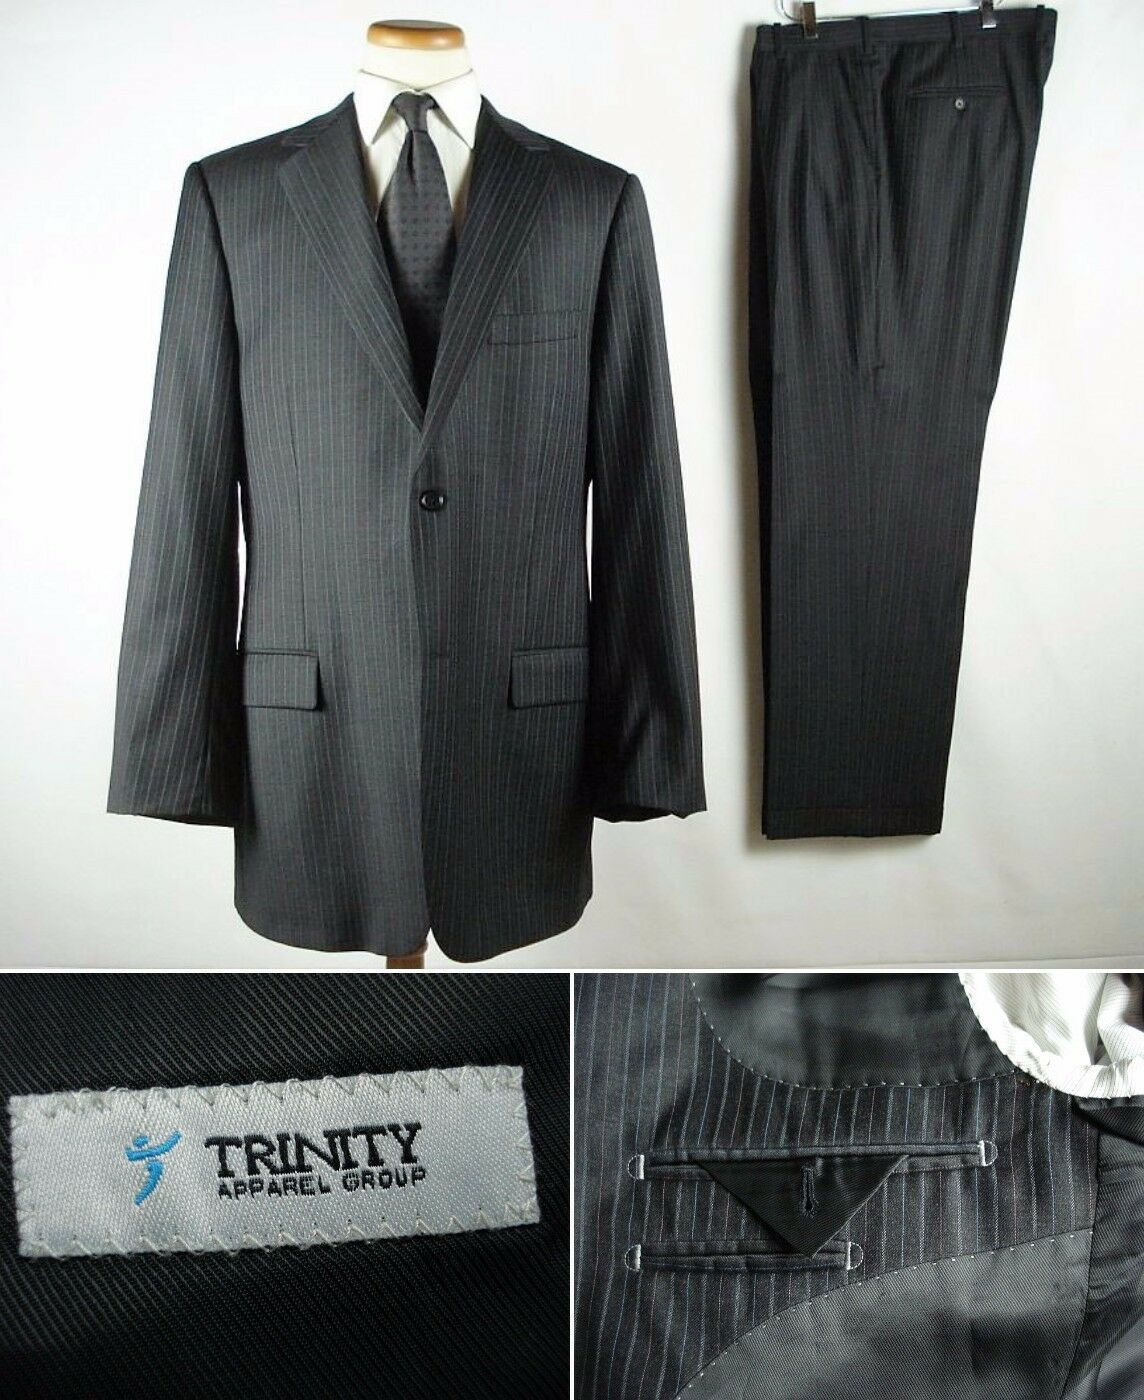 Trinity Apparel Fine Wool Striped Suit fits 44L 44 W39-40 L30